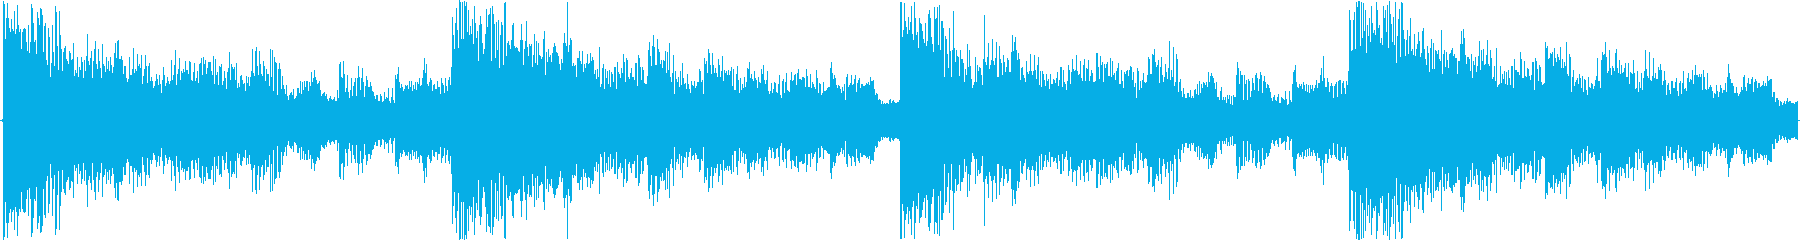 幻想的なおかつ空間的なイメージをした楽…の再生済みの波形